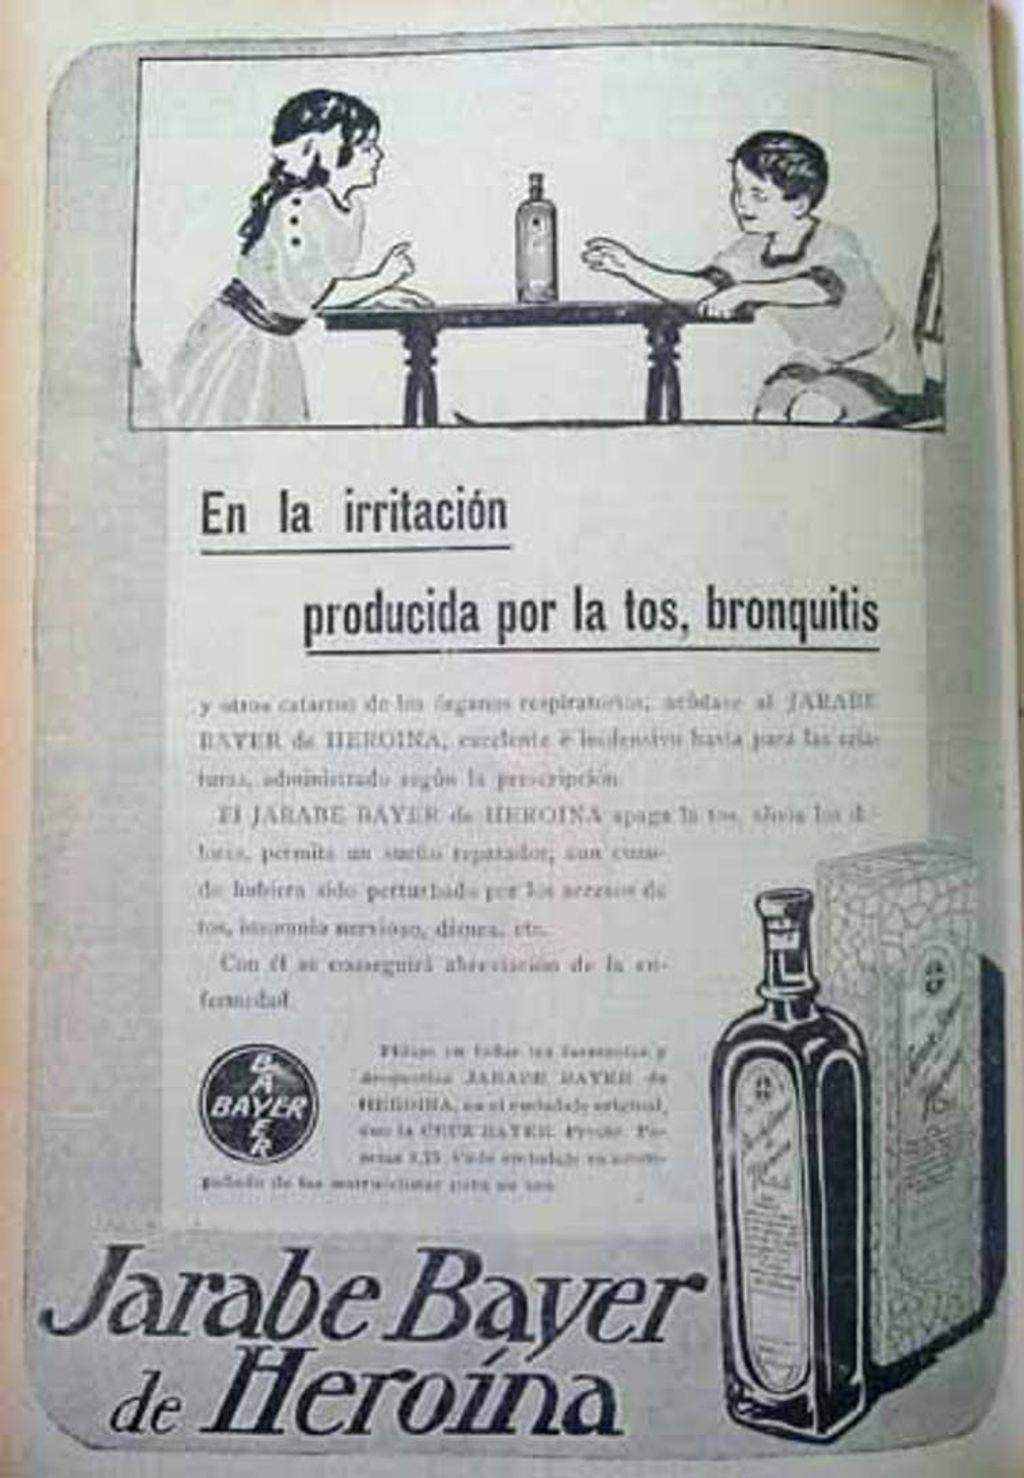 Anuncio de jarabe Bayer de Heroína